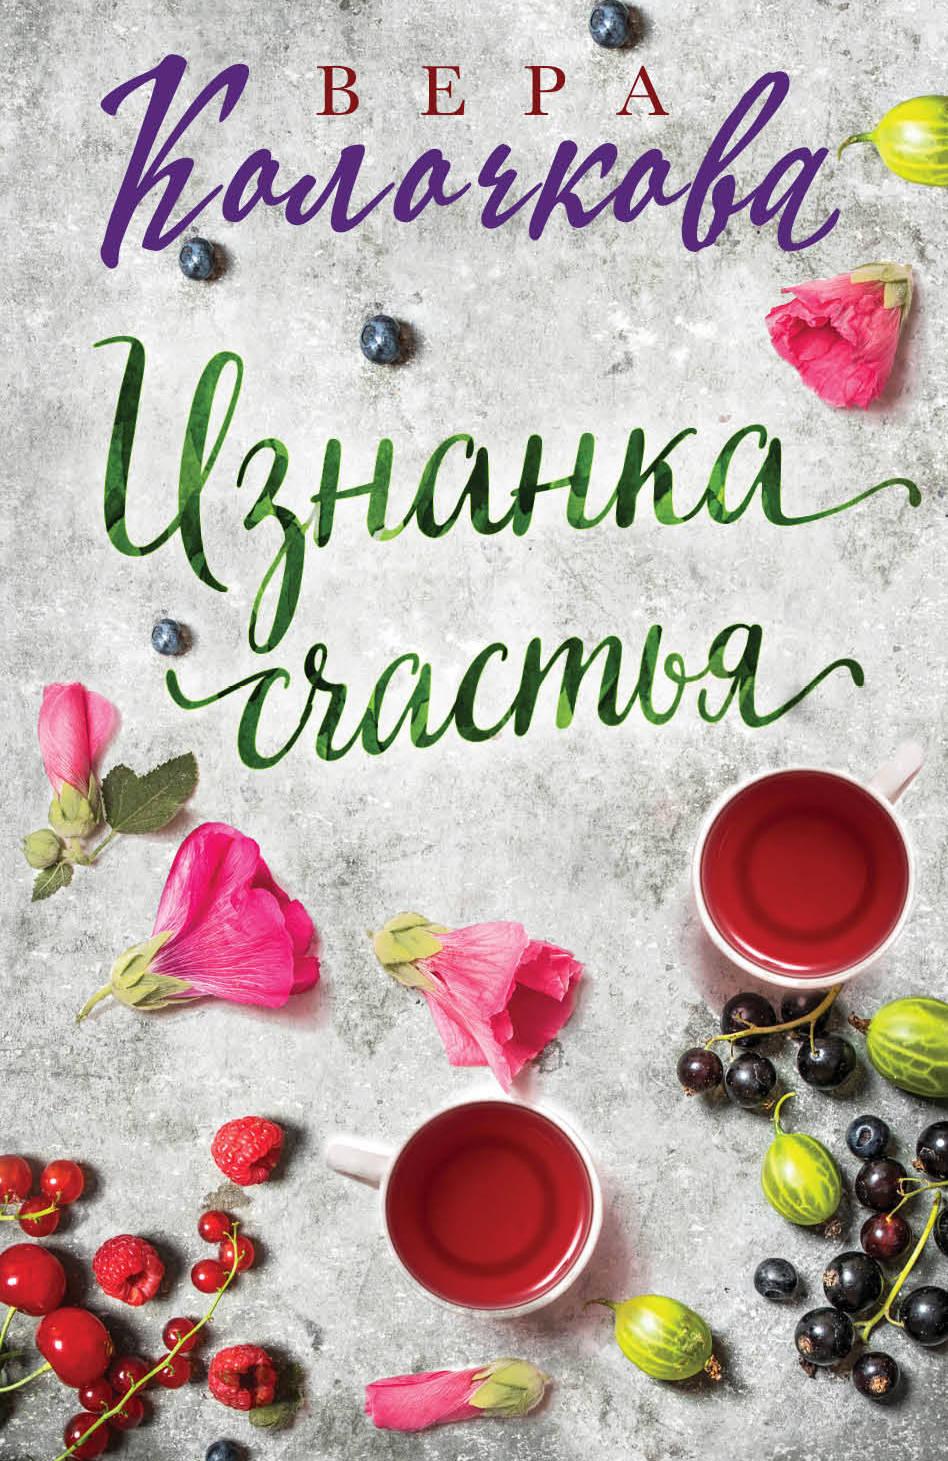 Изнанка счастья | Колочкова Вера Александровна